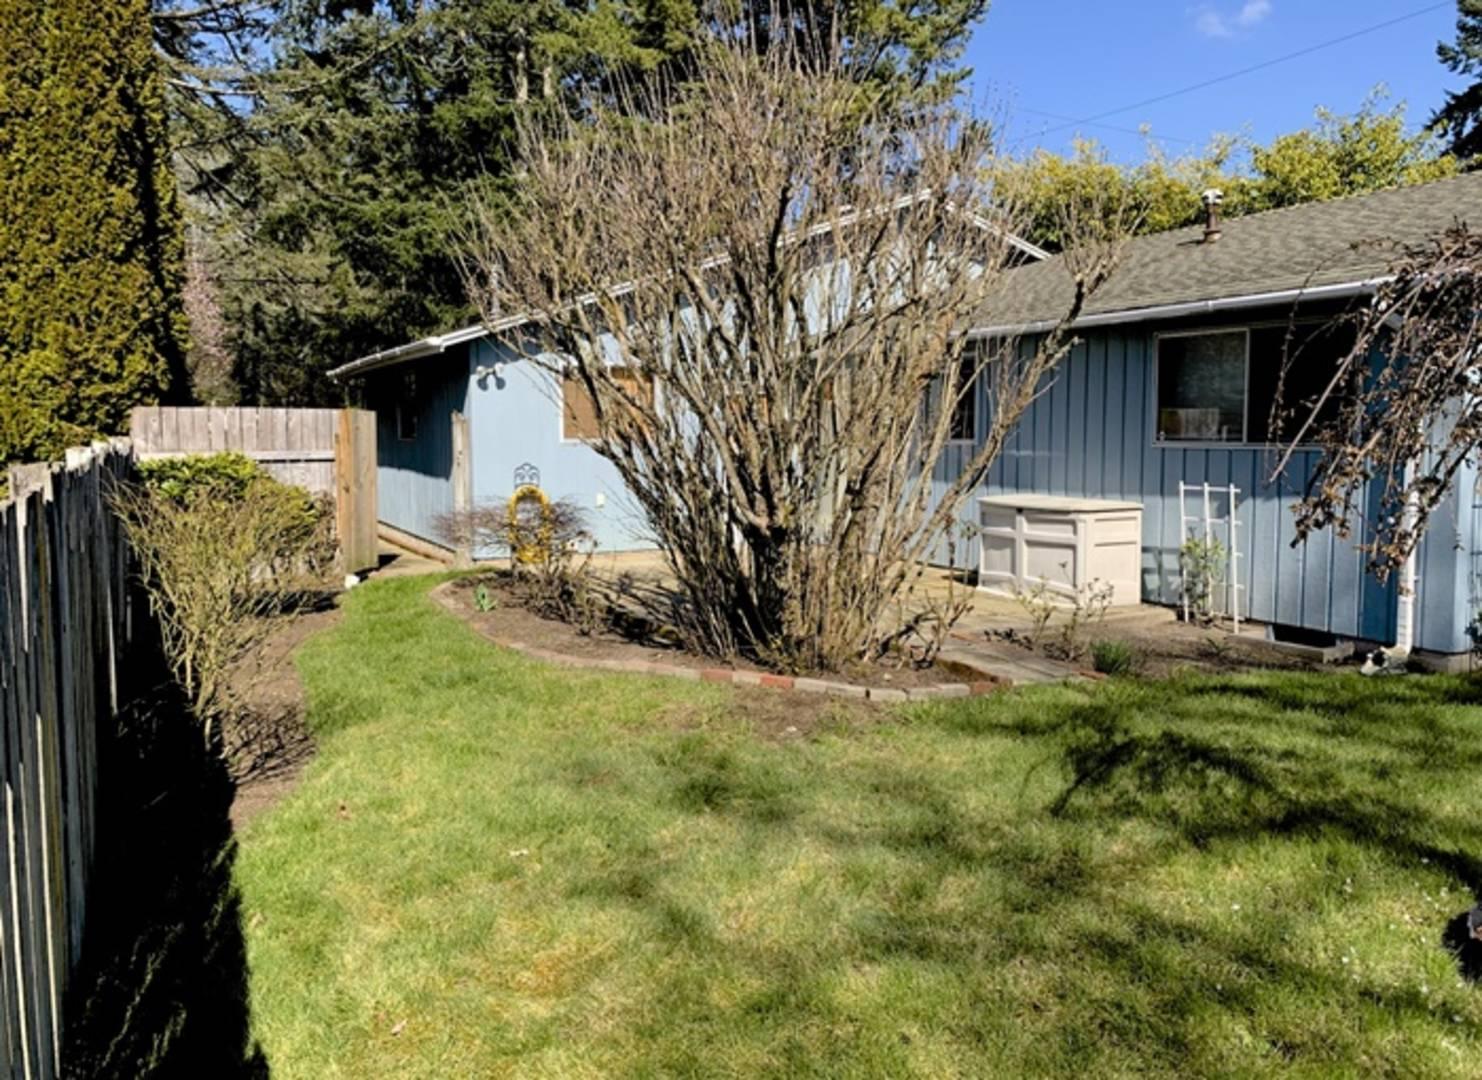 8406 Washington Blvd SW Tacoma, WA 98498